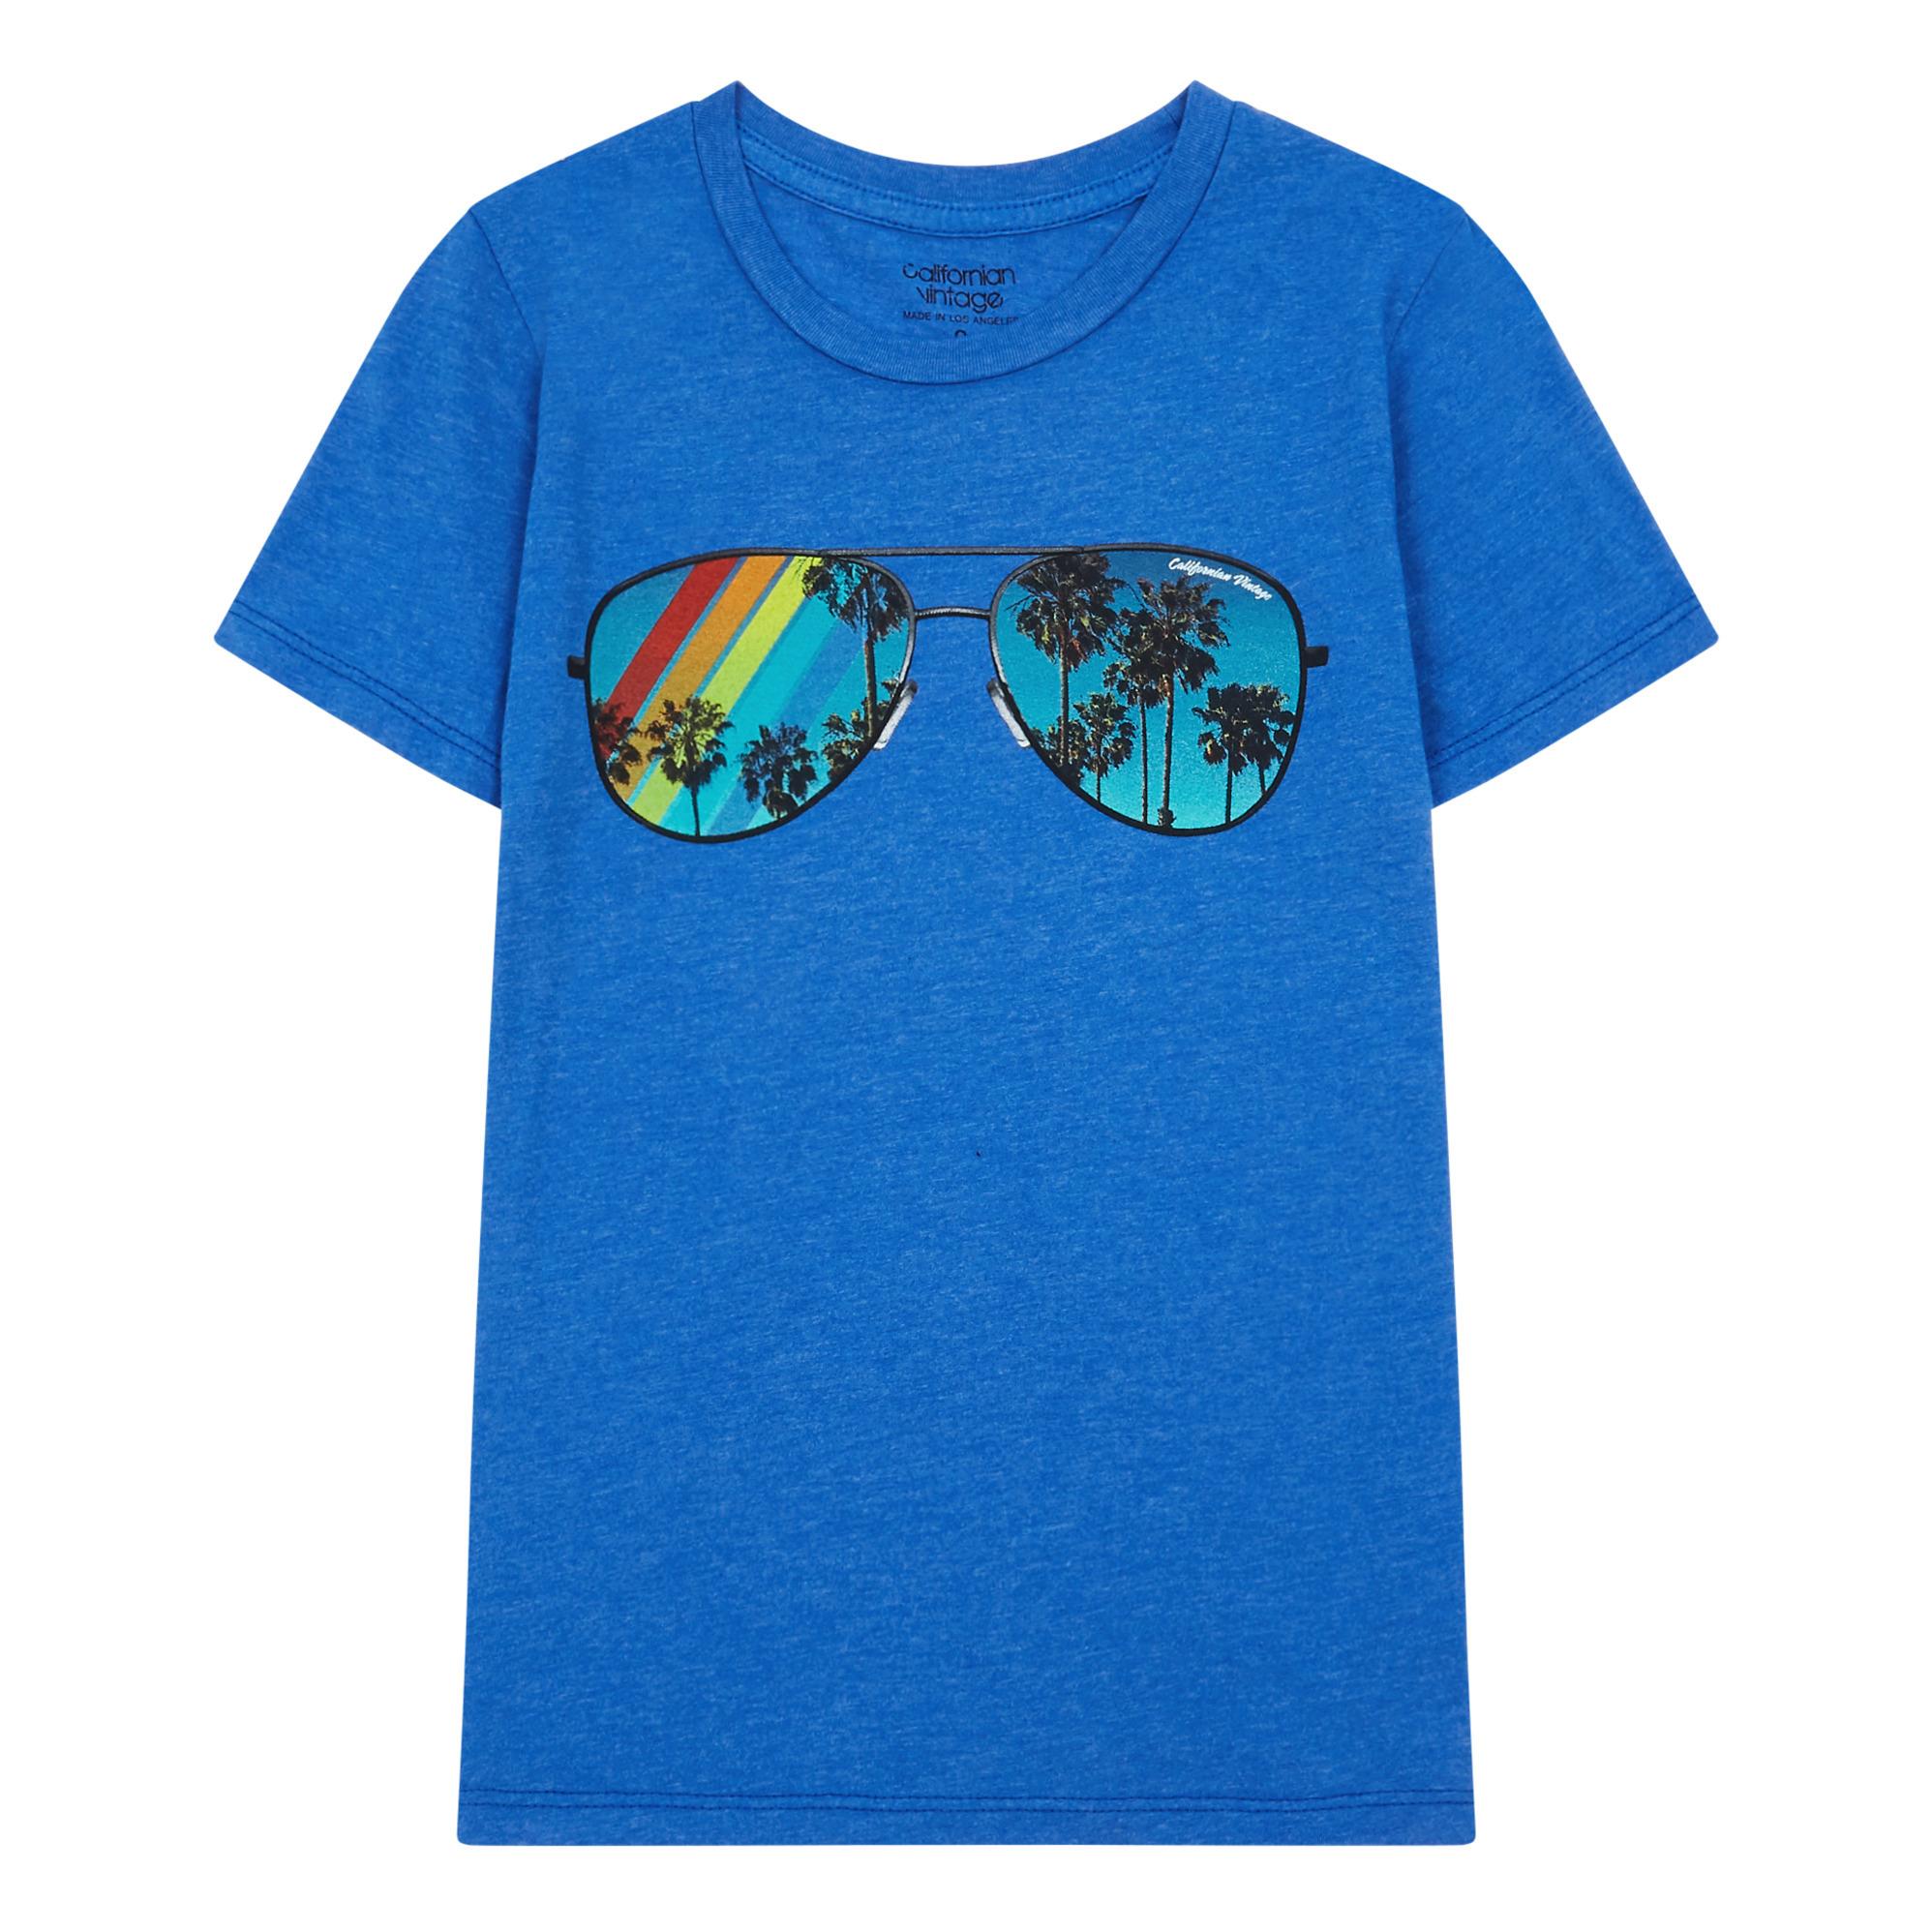 T-shirt Sunglasses